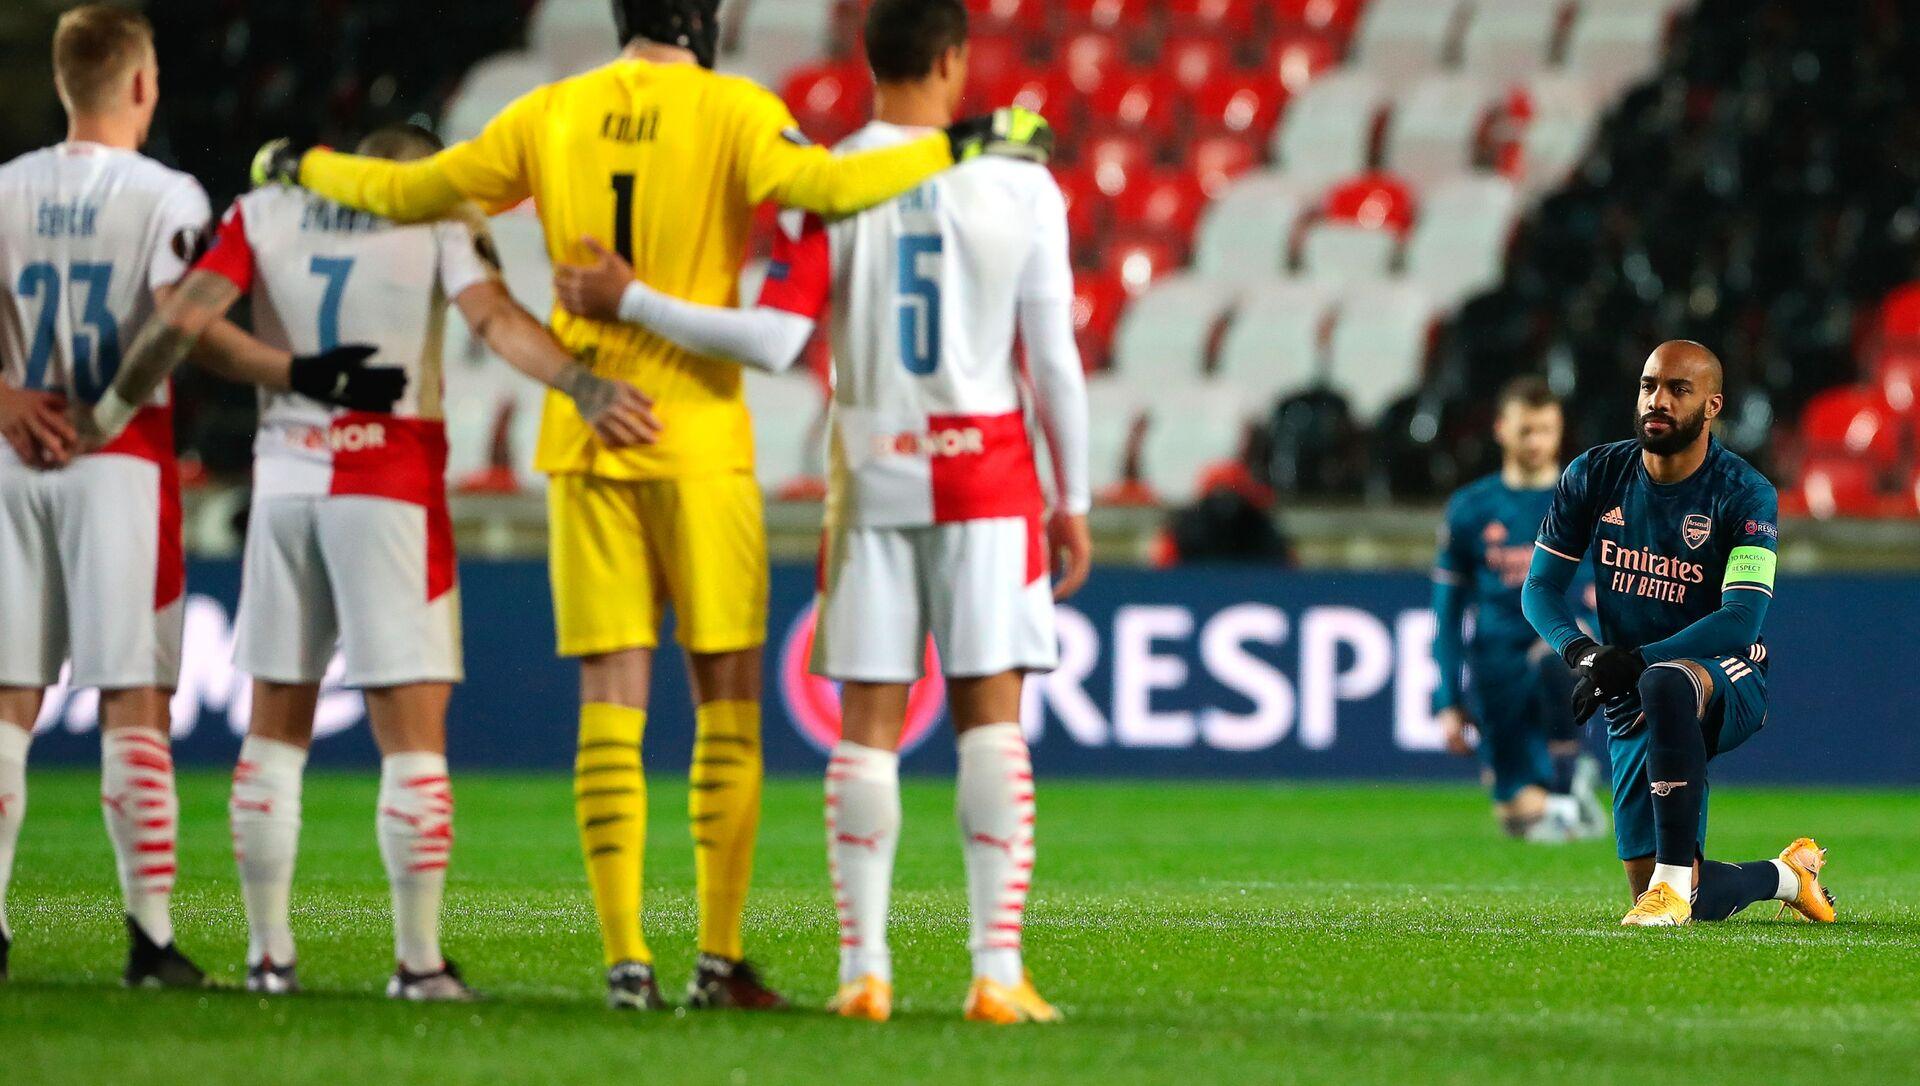 UEFA Avrupa Ligi Çeyrek Final rövanş maçında Çekya ekibi Slavia Prag ile Arsenal maçı öncesi Irkçılığa karşı diz çök organizasyonu gerçekleşirken, ev sahibi ekibin oyuncularının ayakta durması tepki çekti. - Sputnik Türkiye, 1920, 16.04.2021